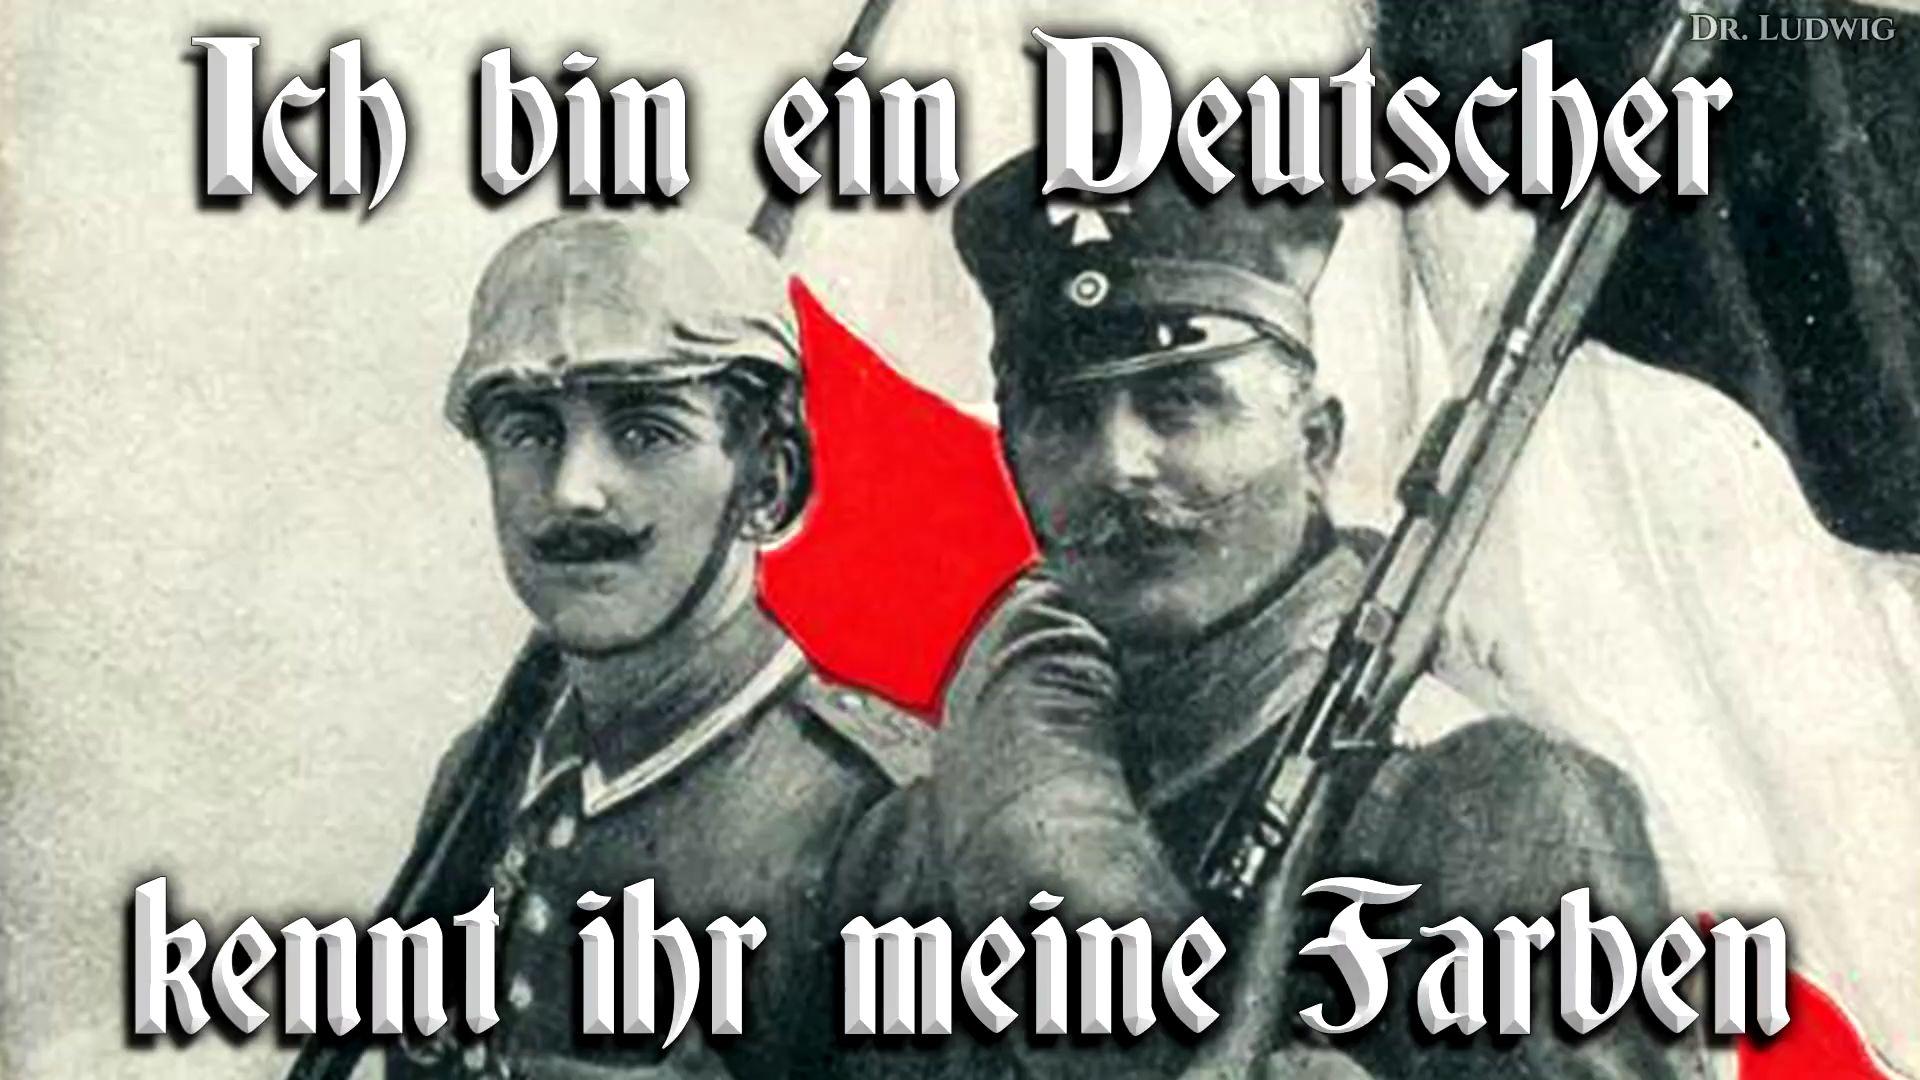 Ich bin ein Deutscher kennt ihr meine Farben